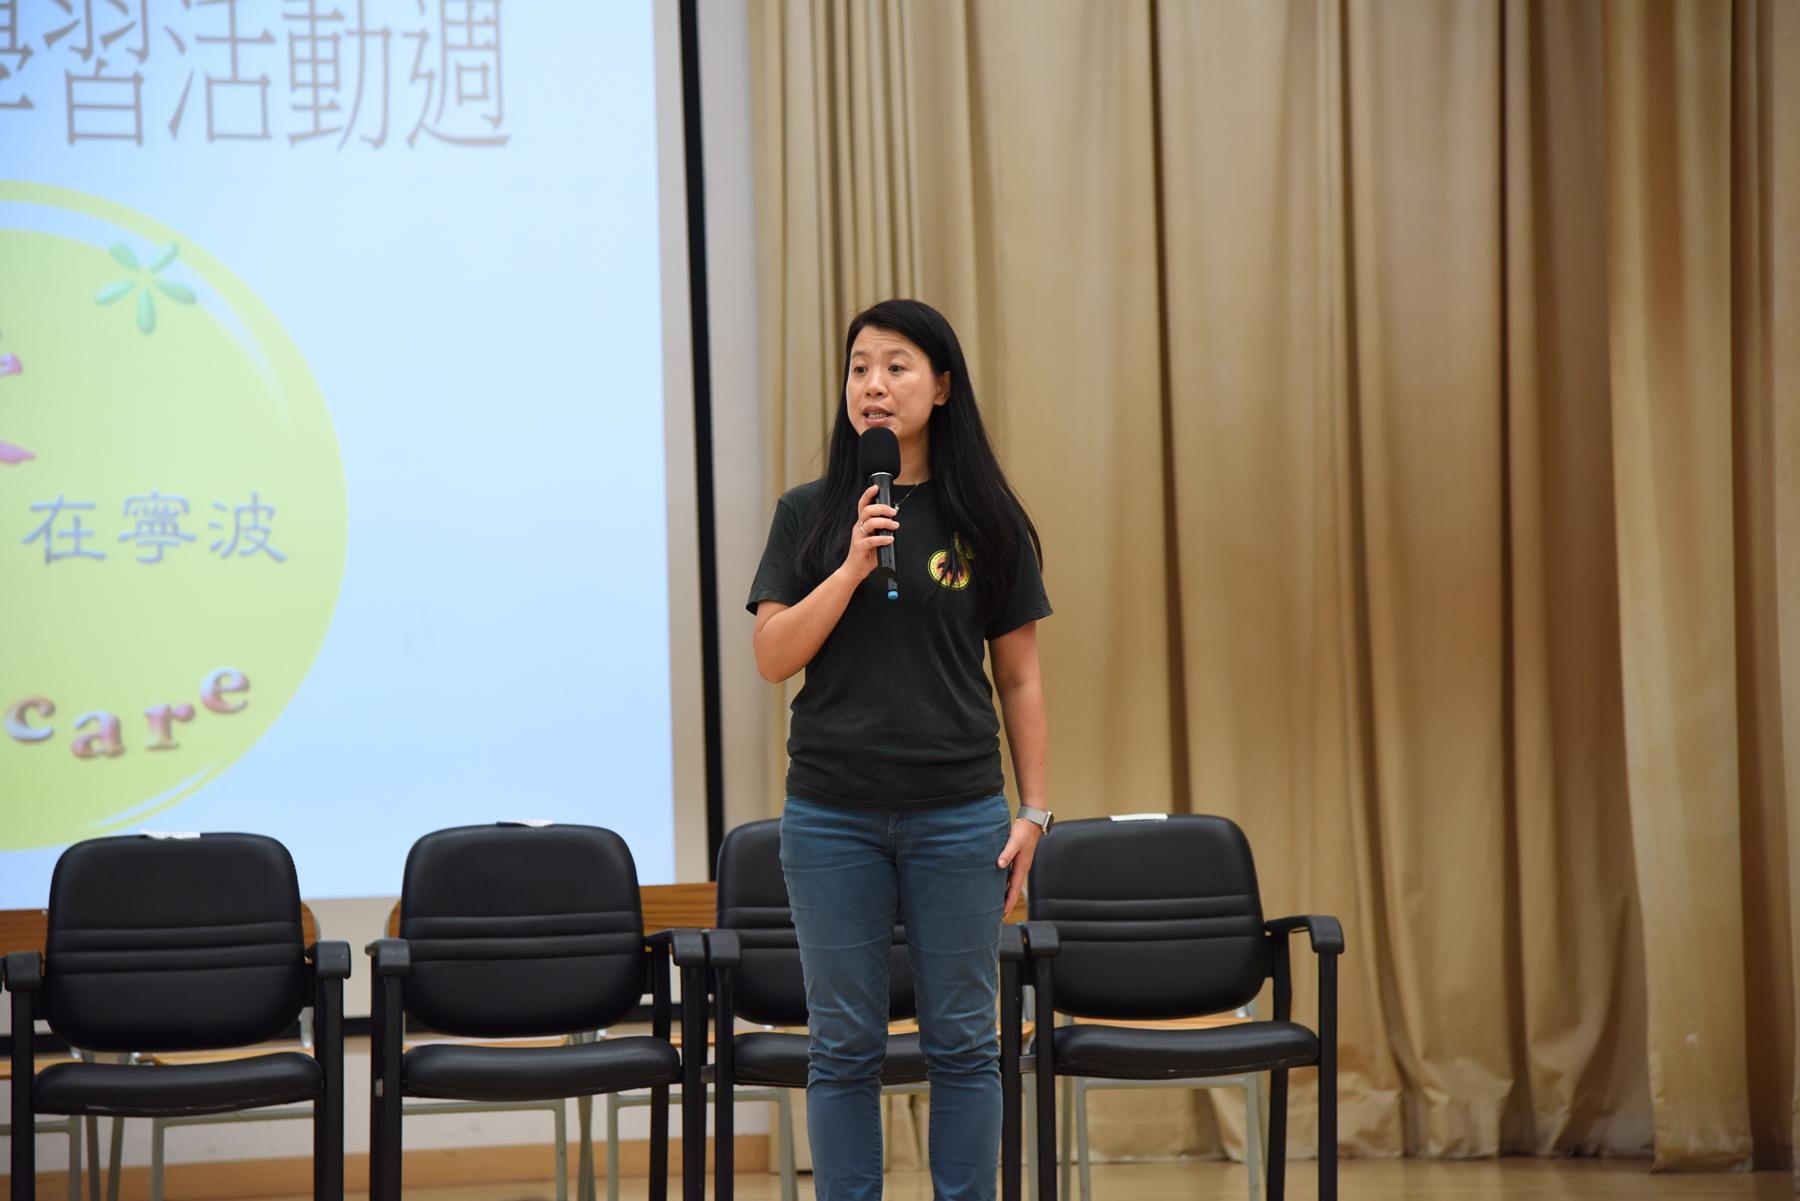 https://www.npc.edu.hk/sites/default/files/dsc_4865.jpg